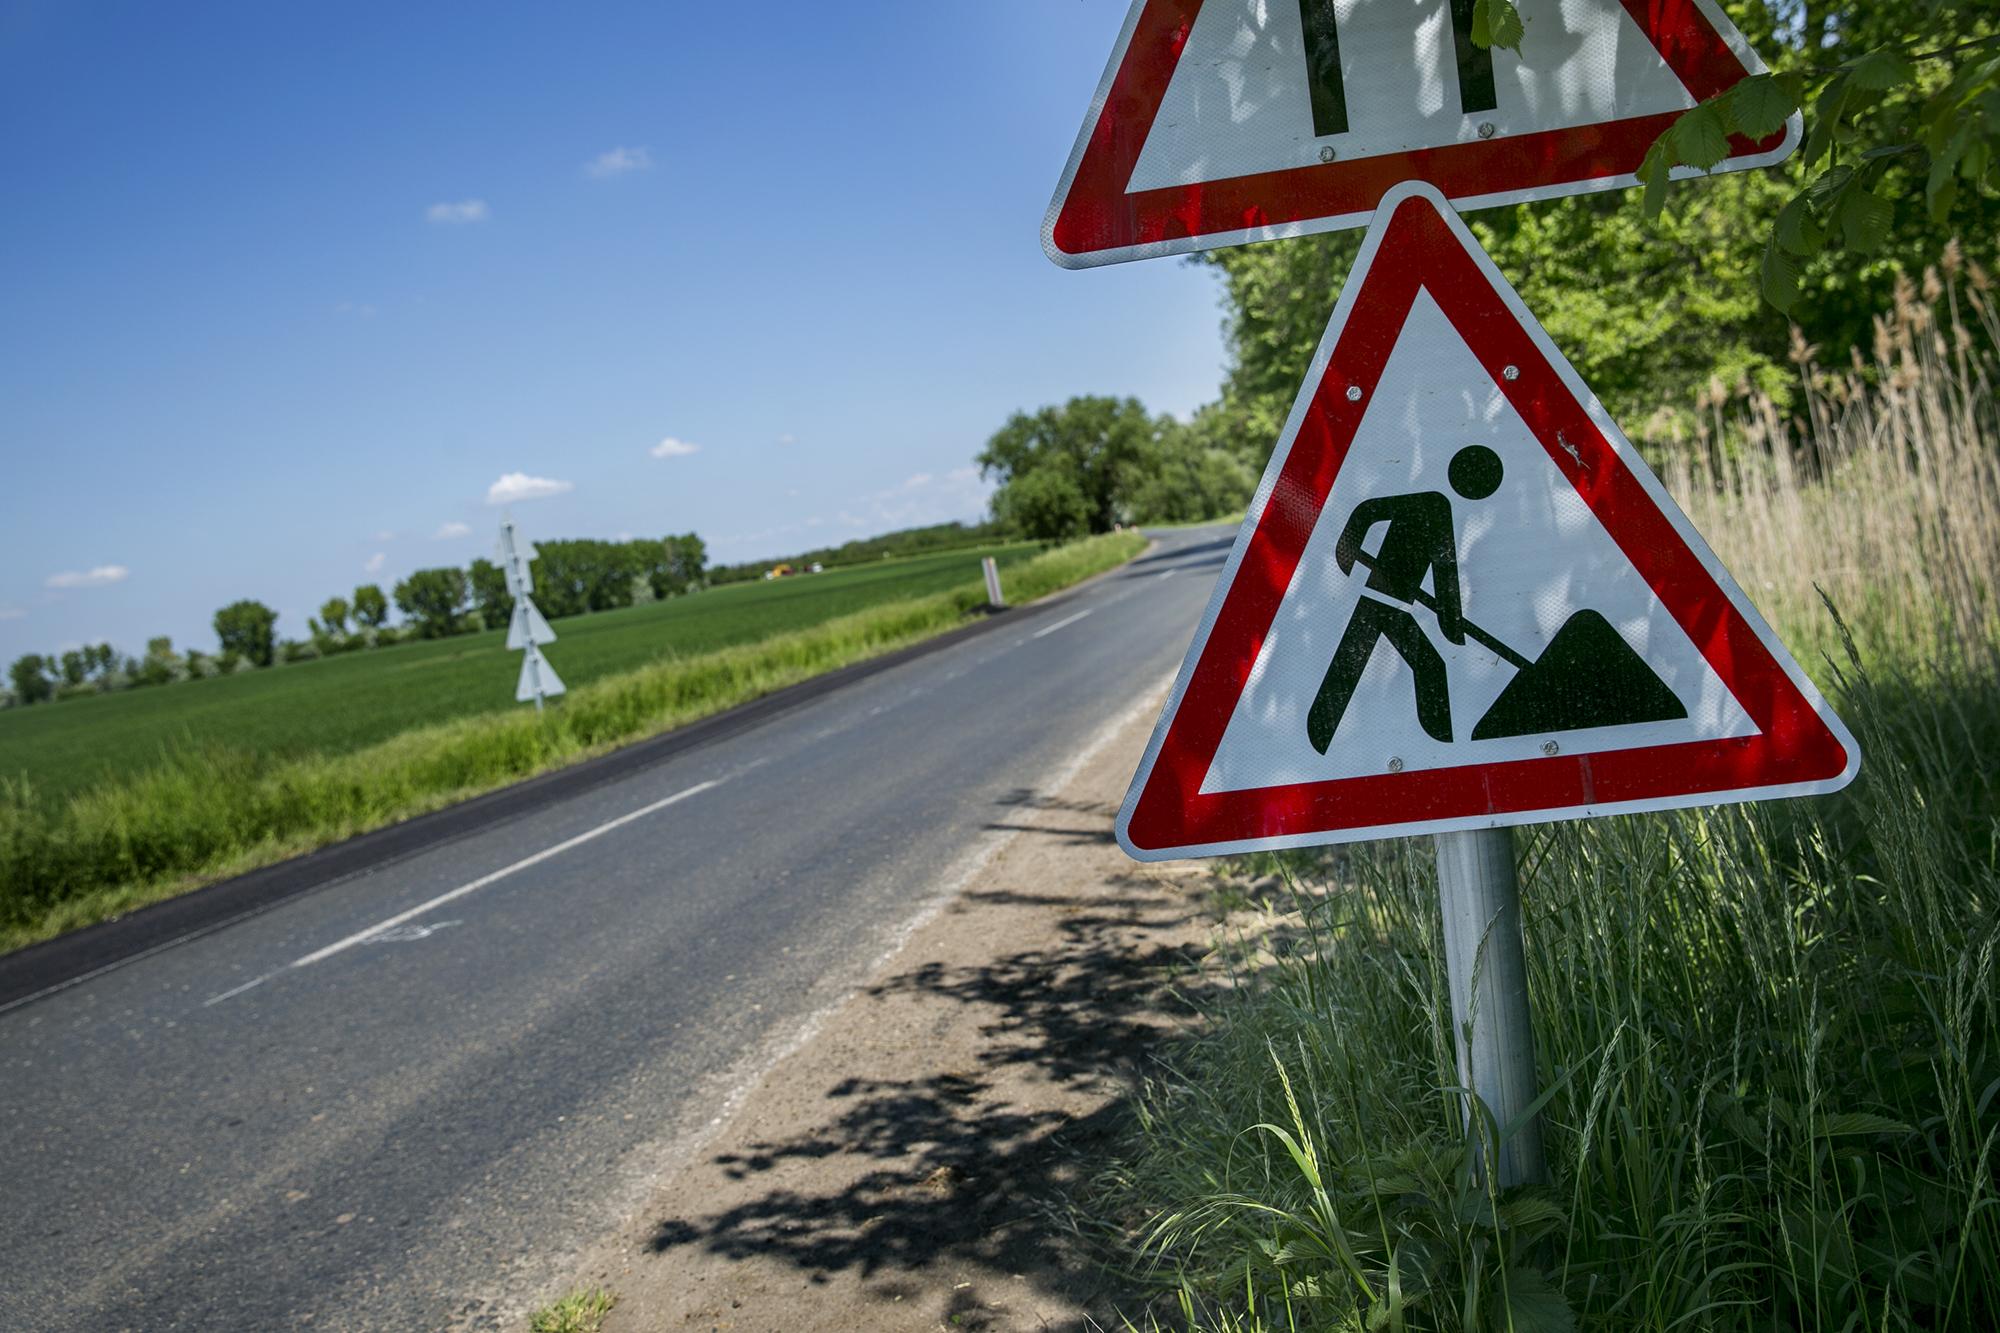 Egy 83 éves sofőr elütött egy láthatósági mellényben Állj! feliratú táblát lóbáló forgalomirányítót egy útépítés közepén